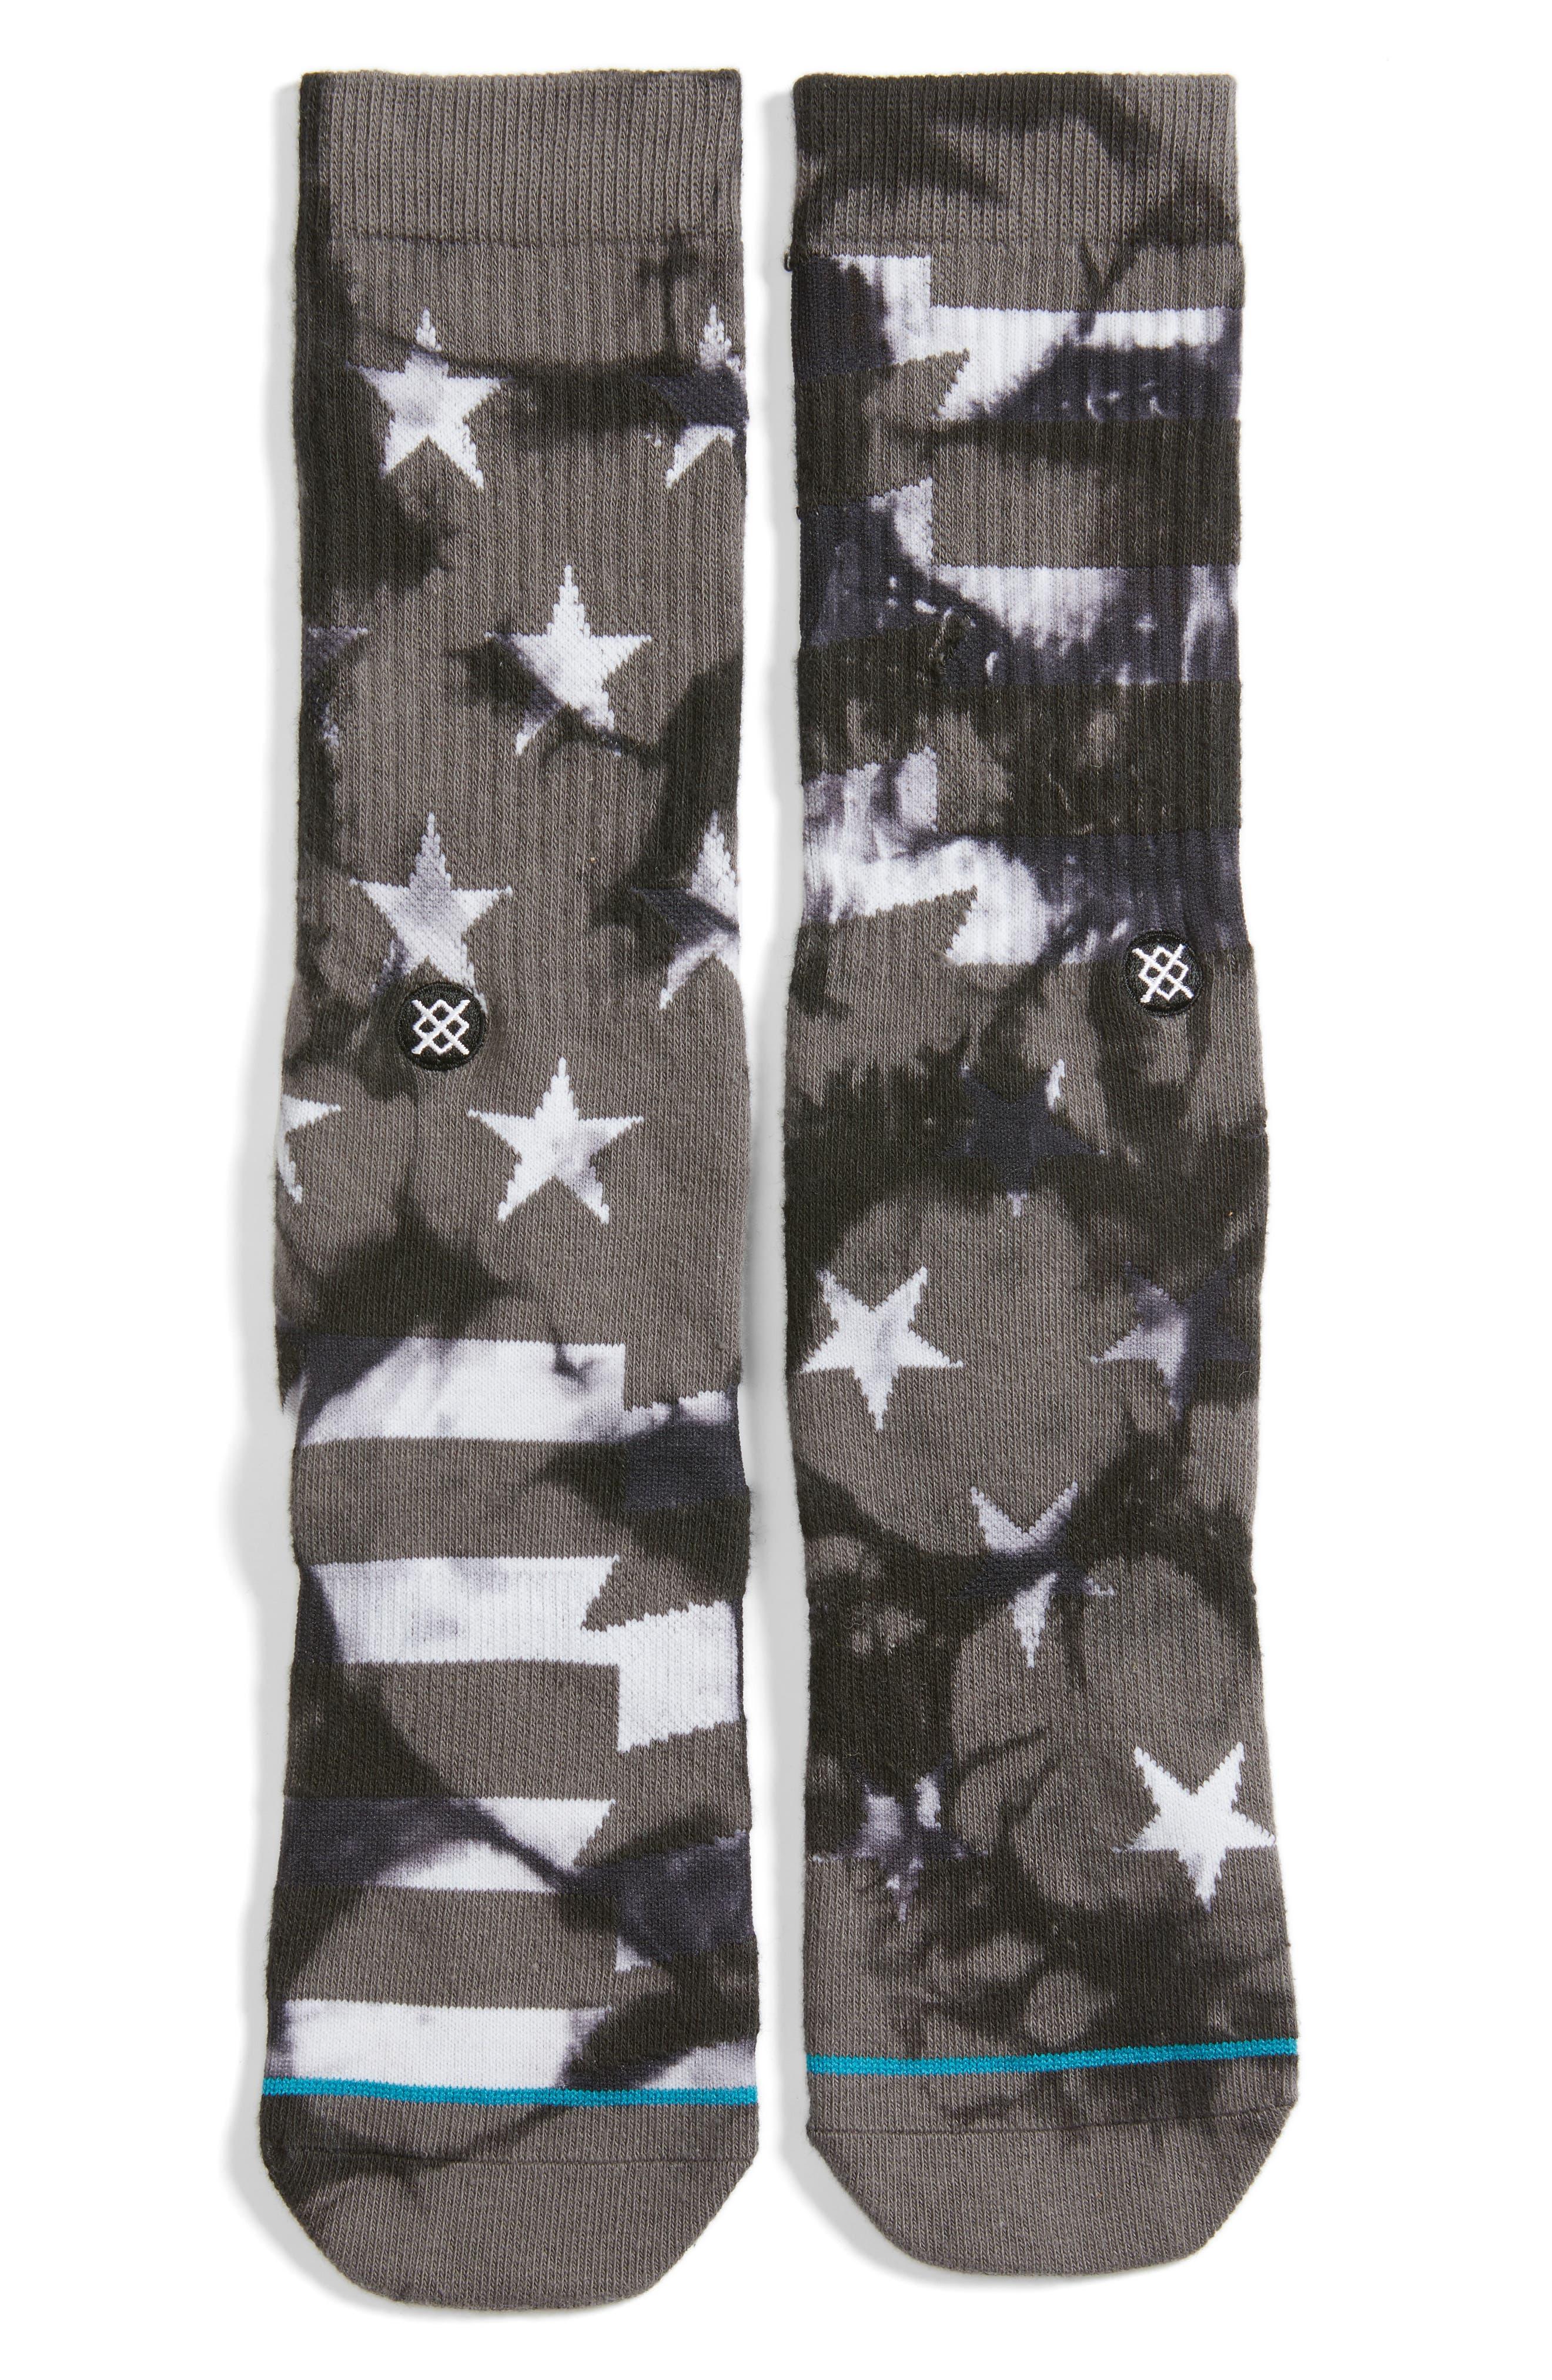 Victory Crew Socks,                             Main thumbnail 1, color,                             Grey